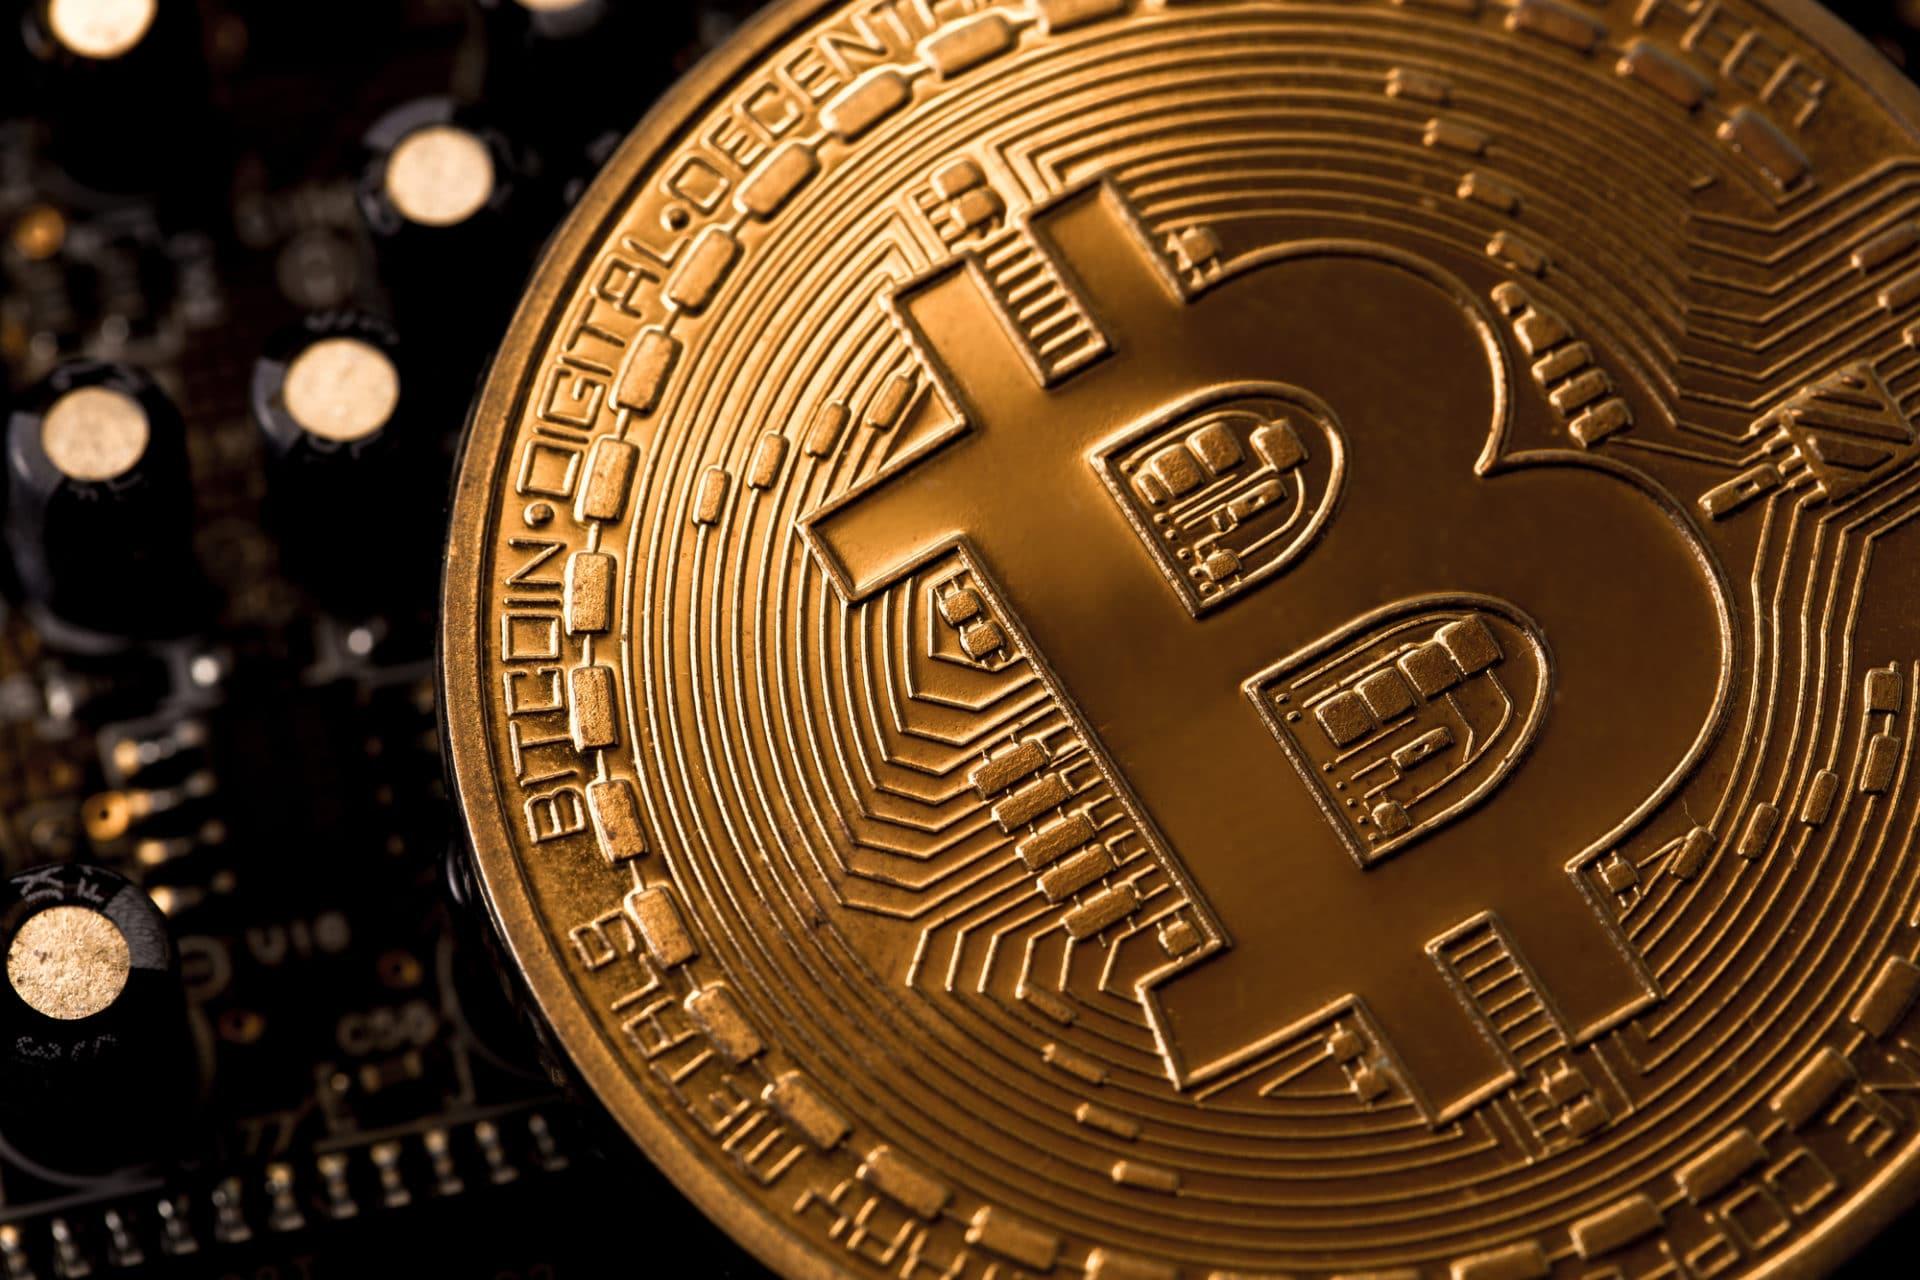 kaip užsidirbti pinigų kriptovaliutos keitykloje pradedantiesiems is pamm verta